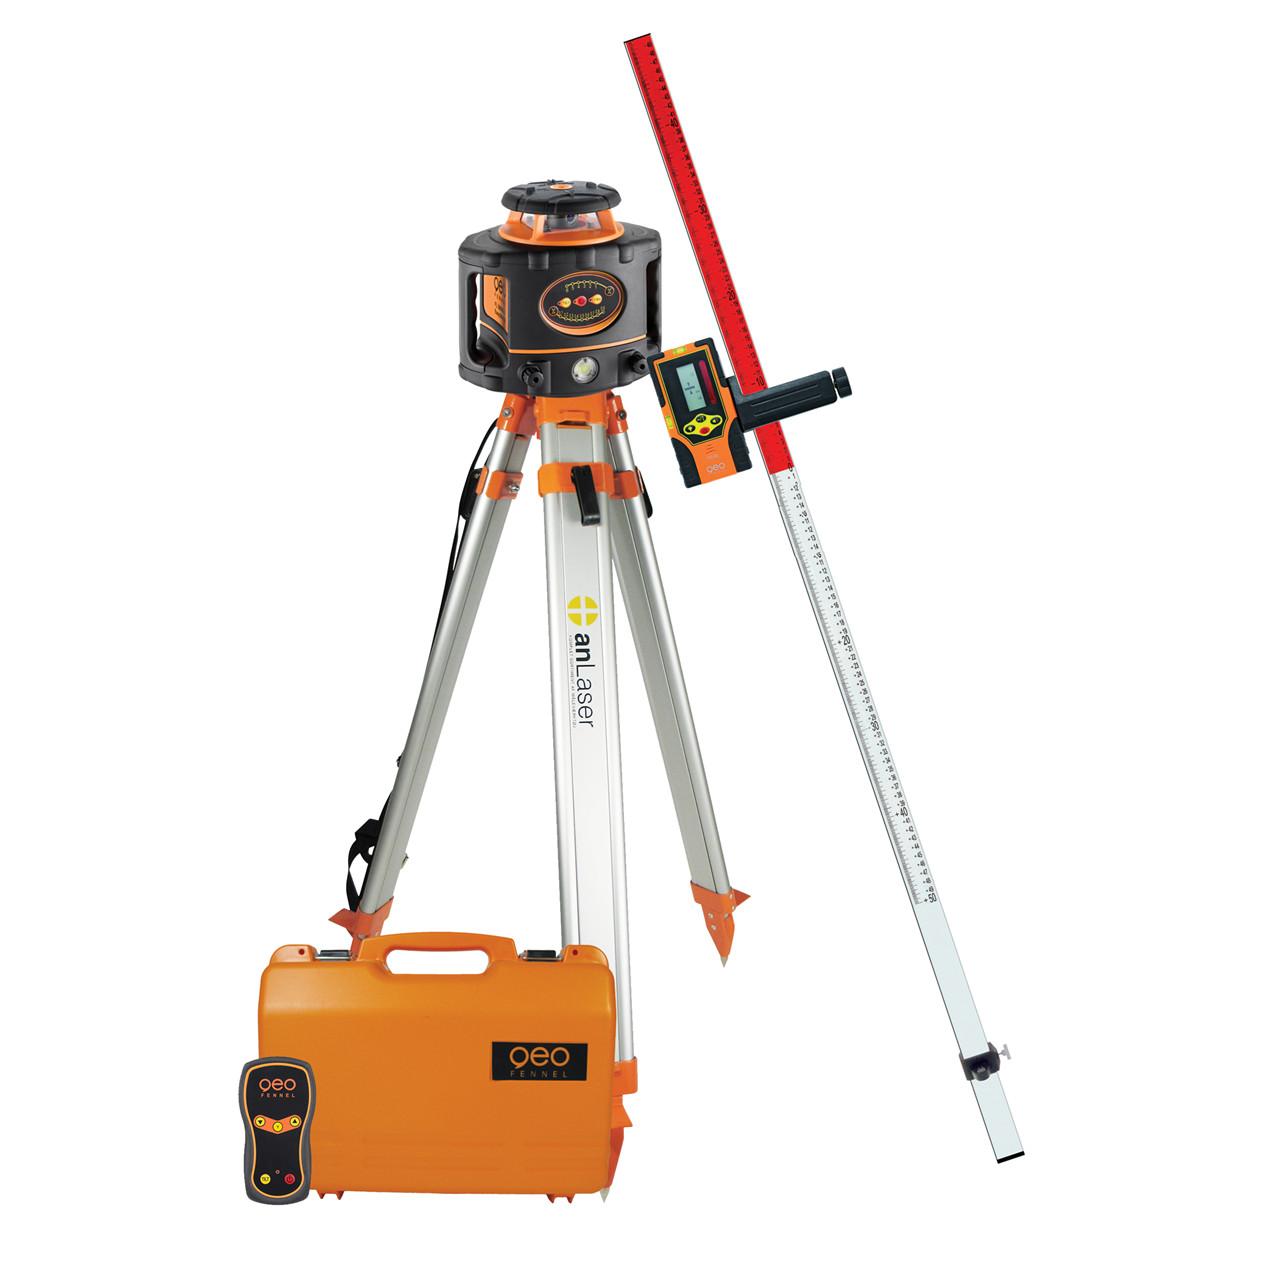 geoFENNEL Rotationslaser FL300 HV-G m/FR 45 komplet - Værktøj -> Laser og måleinstrumenter -> Laser -> Cirkellaser|Værktøj -> Laser og måleinstrumenter -> Laser -> Rotationslaser|Værktøj -> Laser og måleinstrumenter -> Laser|Værktøj -> Laser og måleinstrumenter|Mærker -> geo-FEN